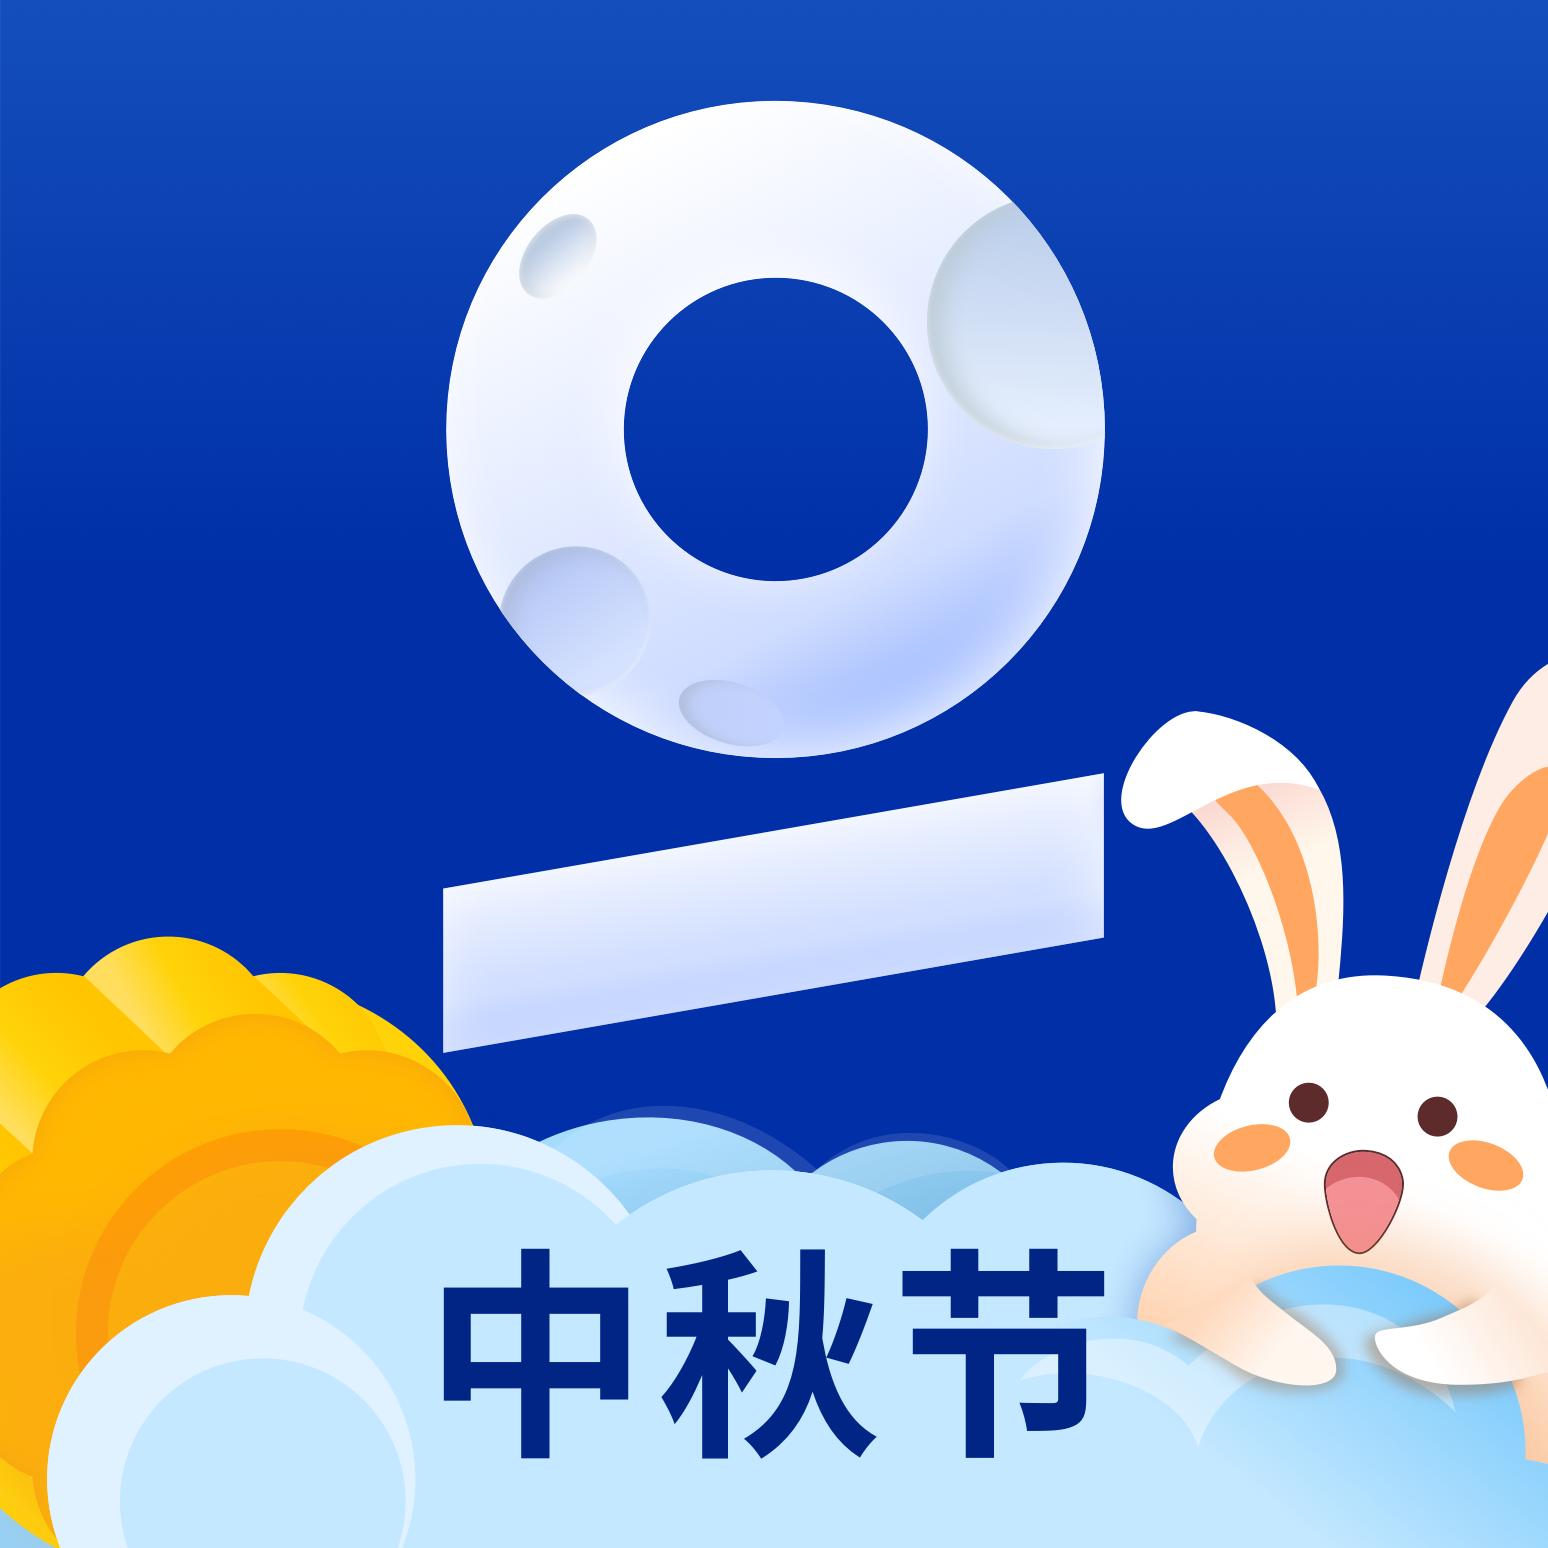 重启世界编辑器v2.3.13 最新版